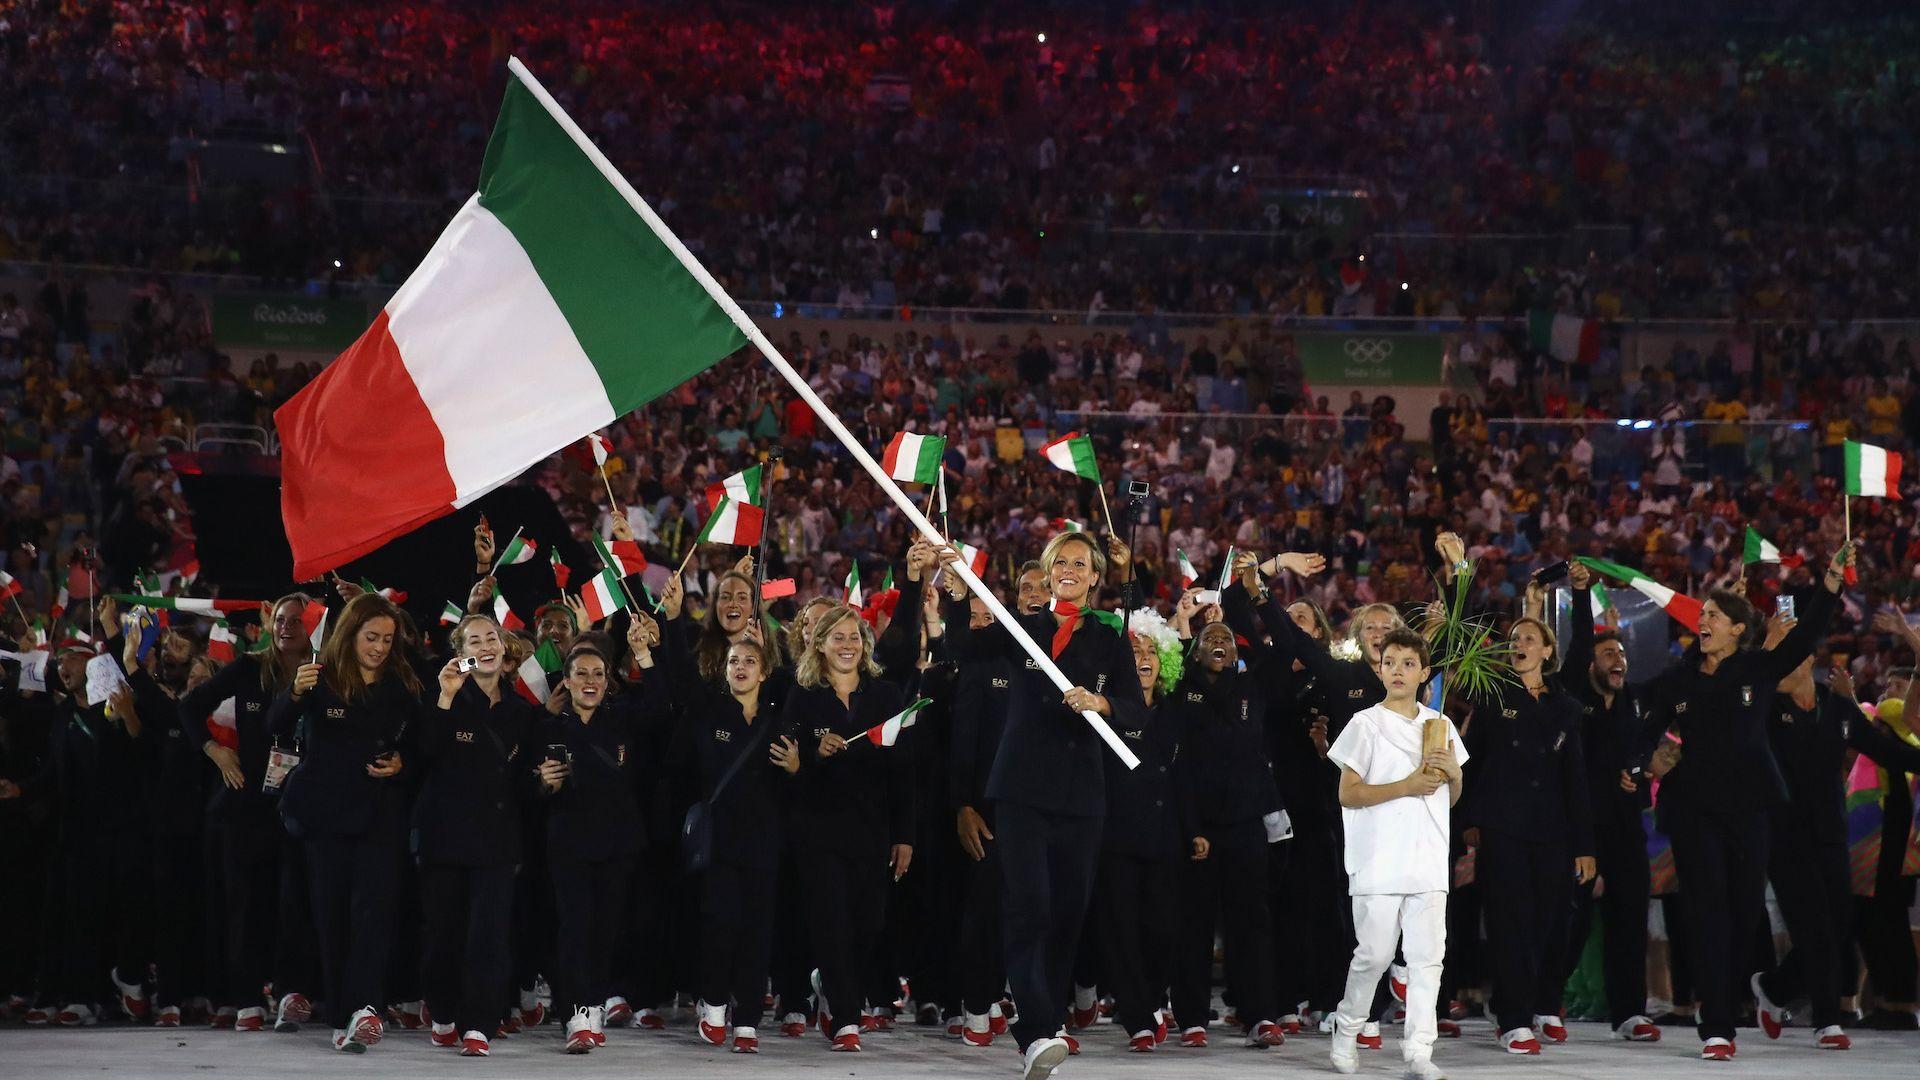 Италия може да се окаже без флаг и химн в Токио заради държавна намеса в спорта